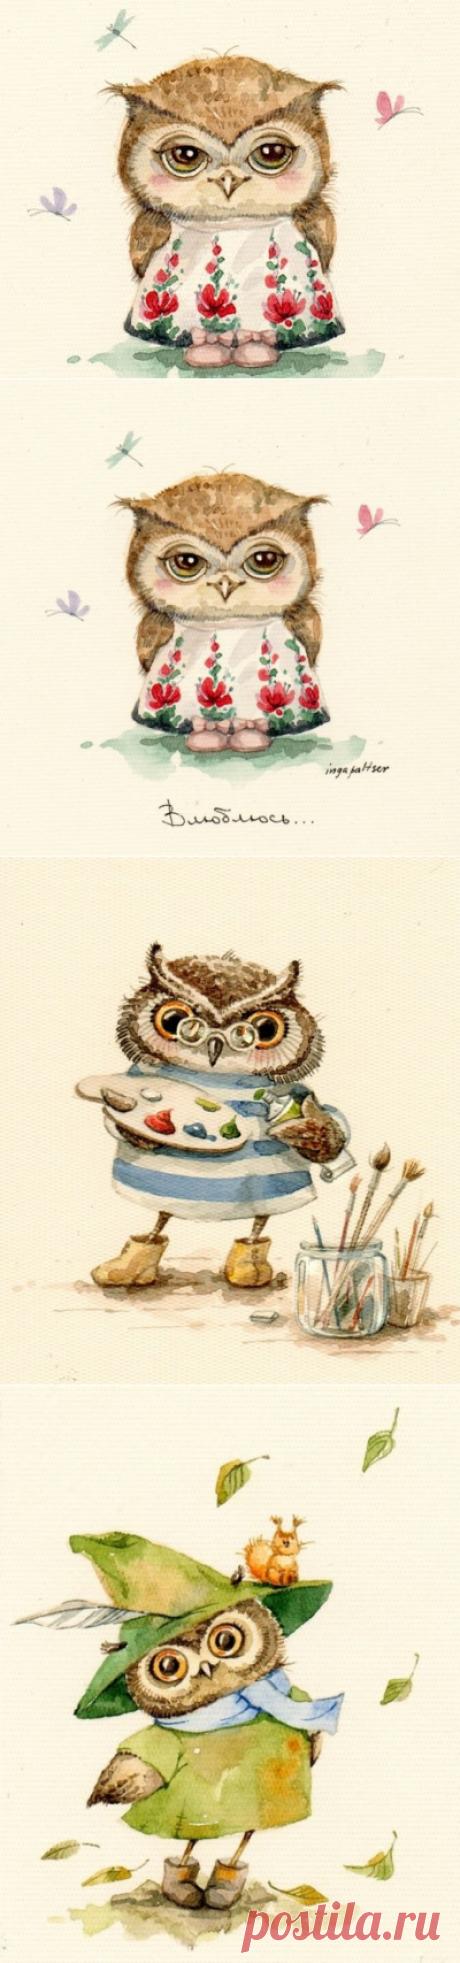 Touching drawings of owls from Inga Paltser